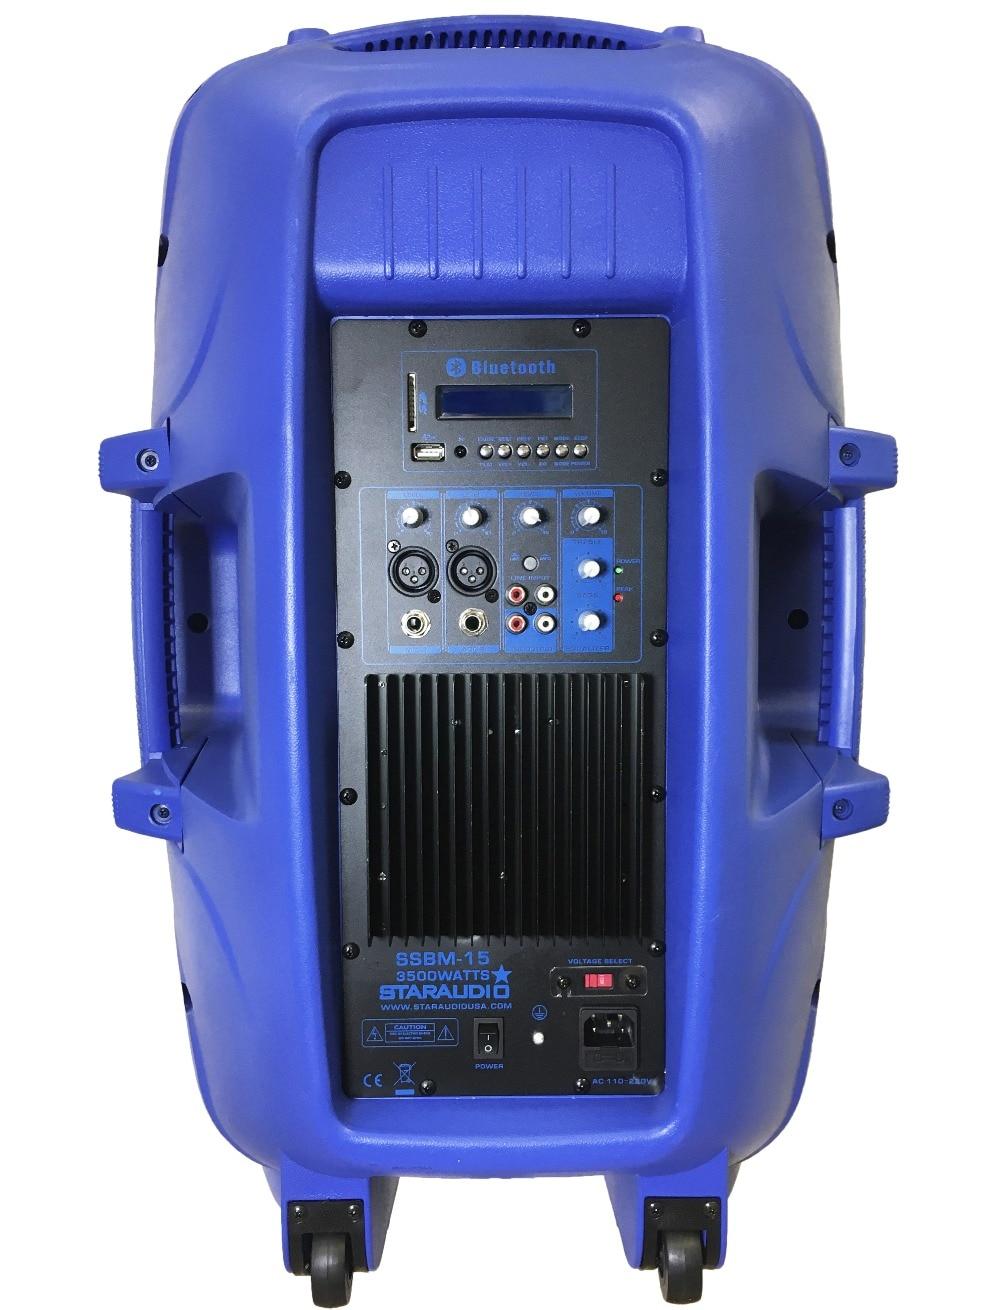 STARAUDIO Blue 15 3500W Powered Active PA DJ Stage USB SD FM BT Speaker with Stand Wired Mic SSBM-15